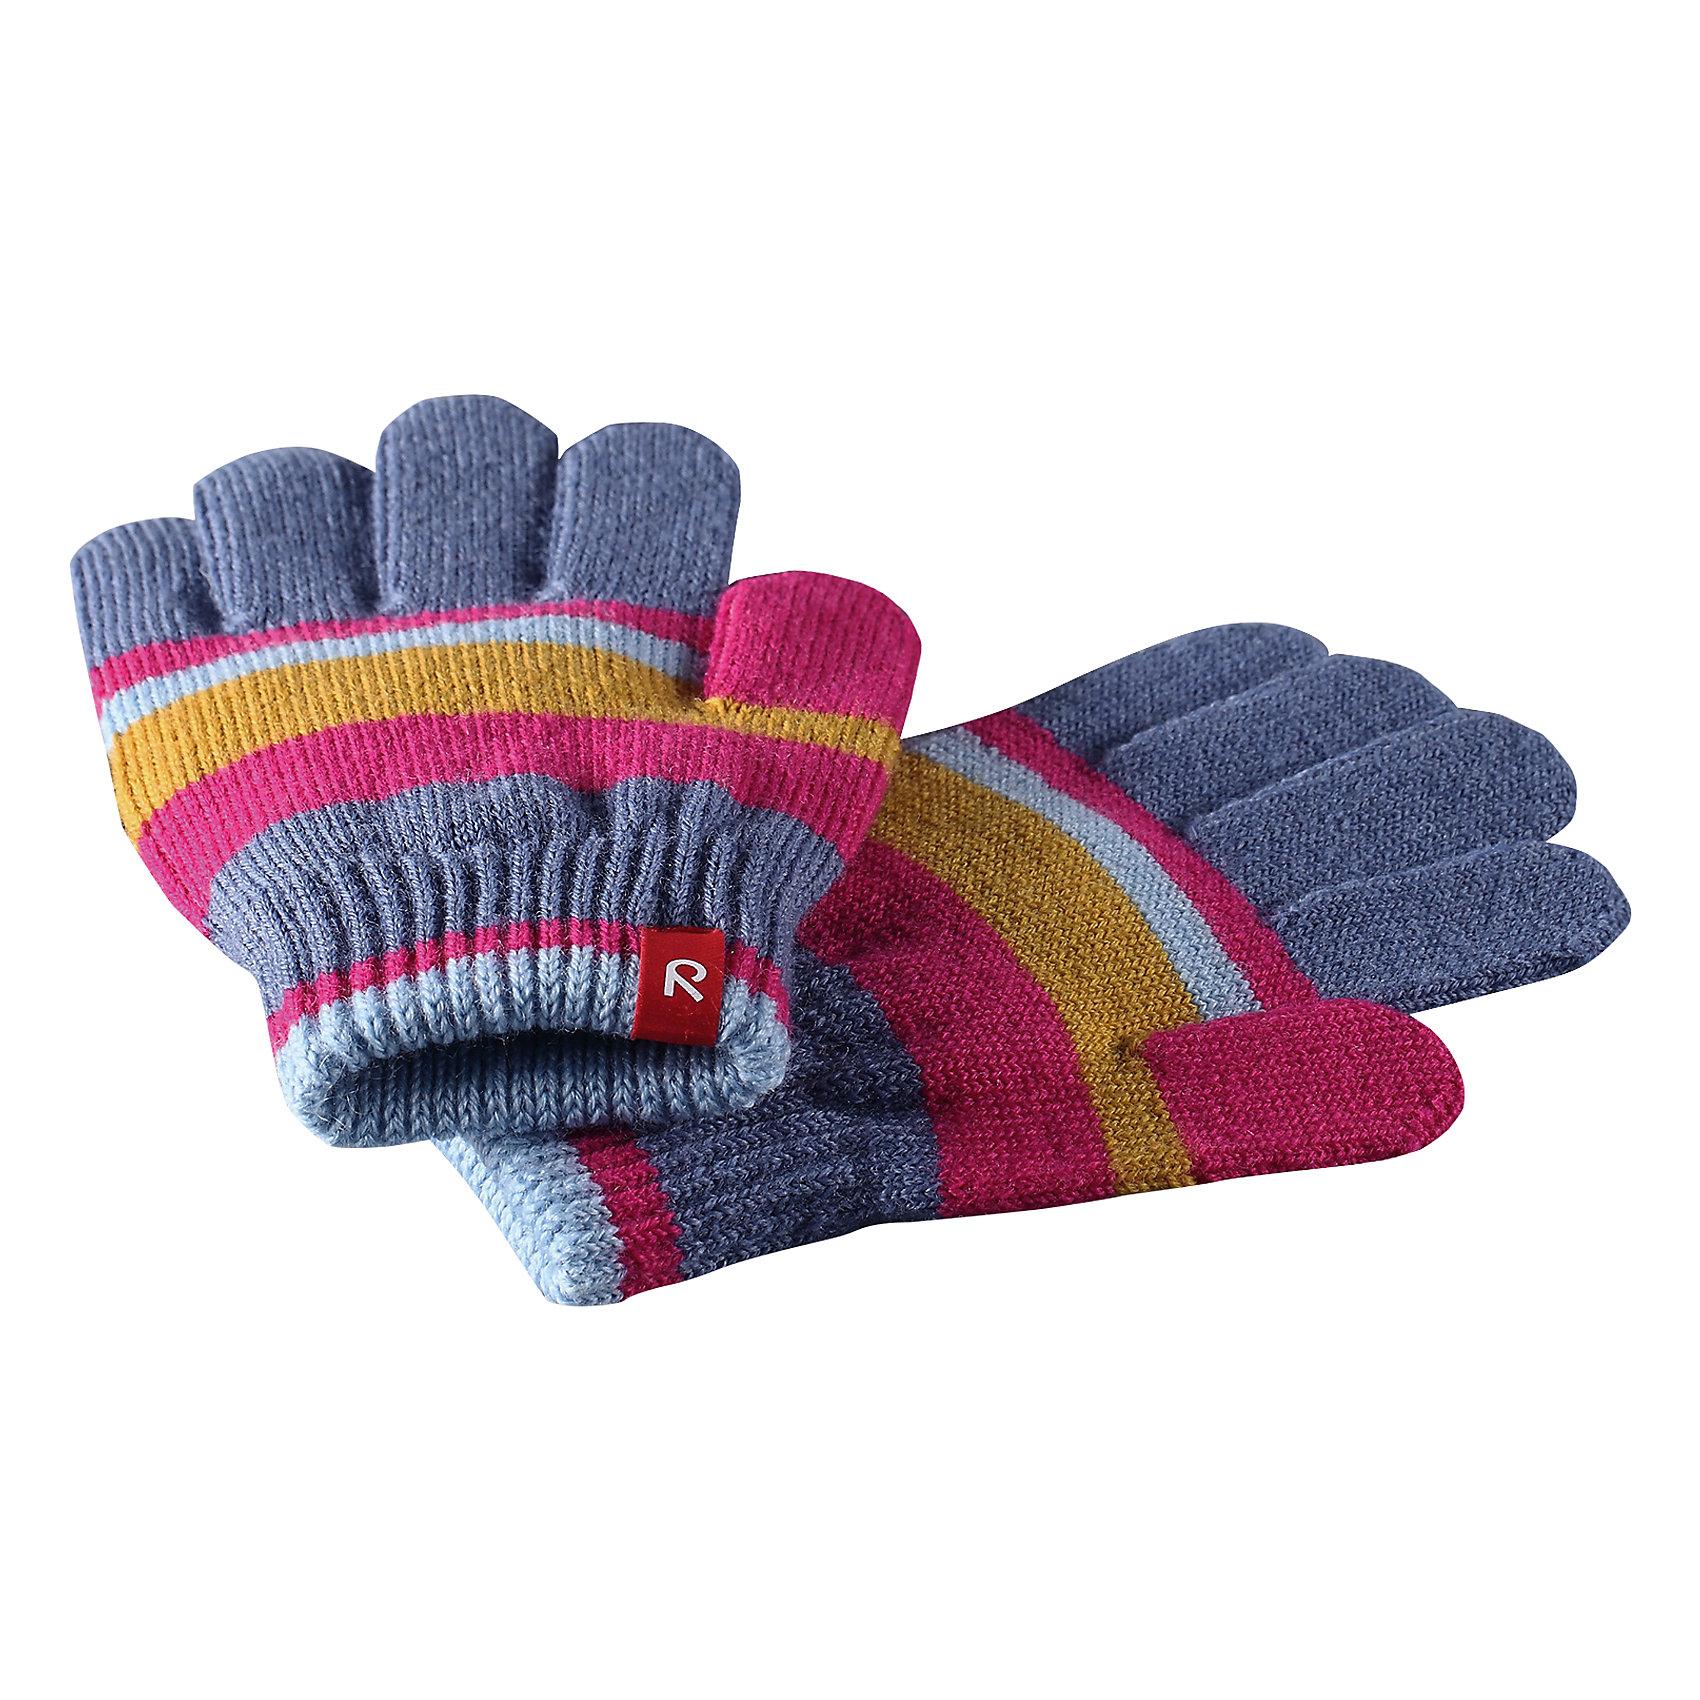 Перчатки Twig ReimaПерчатки, варежки<br>Эти перчатки для малышей и детей постарше выполнены из эластичной полушерсти, дарящей комфорт в прохладные дни ранней осенью. Они идеально подойдут для поддевания под водонепроницаемые варежки и перчатки. Изготовлены из трикотажа высокого качества и легко стираются в стиральной машине. Мы рекомендуем купить как минимум три пары: одну универсальную однотонную, одну разноцветную для смены образа, и запасную пару на случай, если какая-нибудь из первых двух потеряется.<br>Состав:<br>75% Шерсть, 22% Полиакрил, 2% Полиамид, 1% Эластан<br><br>Ширина мм: 162<br>Глубина мм: 171<br>Высота мм: 55<br>Вес г: 119<br>Цвет: розовый<br>Возраст от месяцев: 24<br>Возраст до месяцев: 48<br>Пол: Унисекс<br>Возраст: Детский<br>Размер: 3/4,7/8,5/6<br>SKU: 6902107